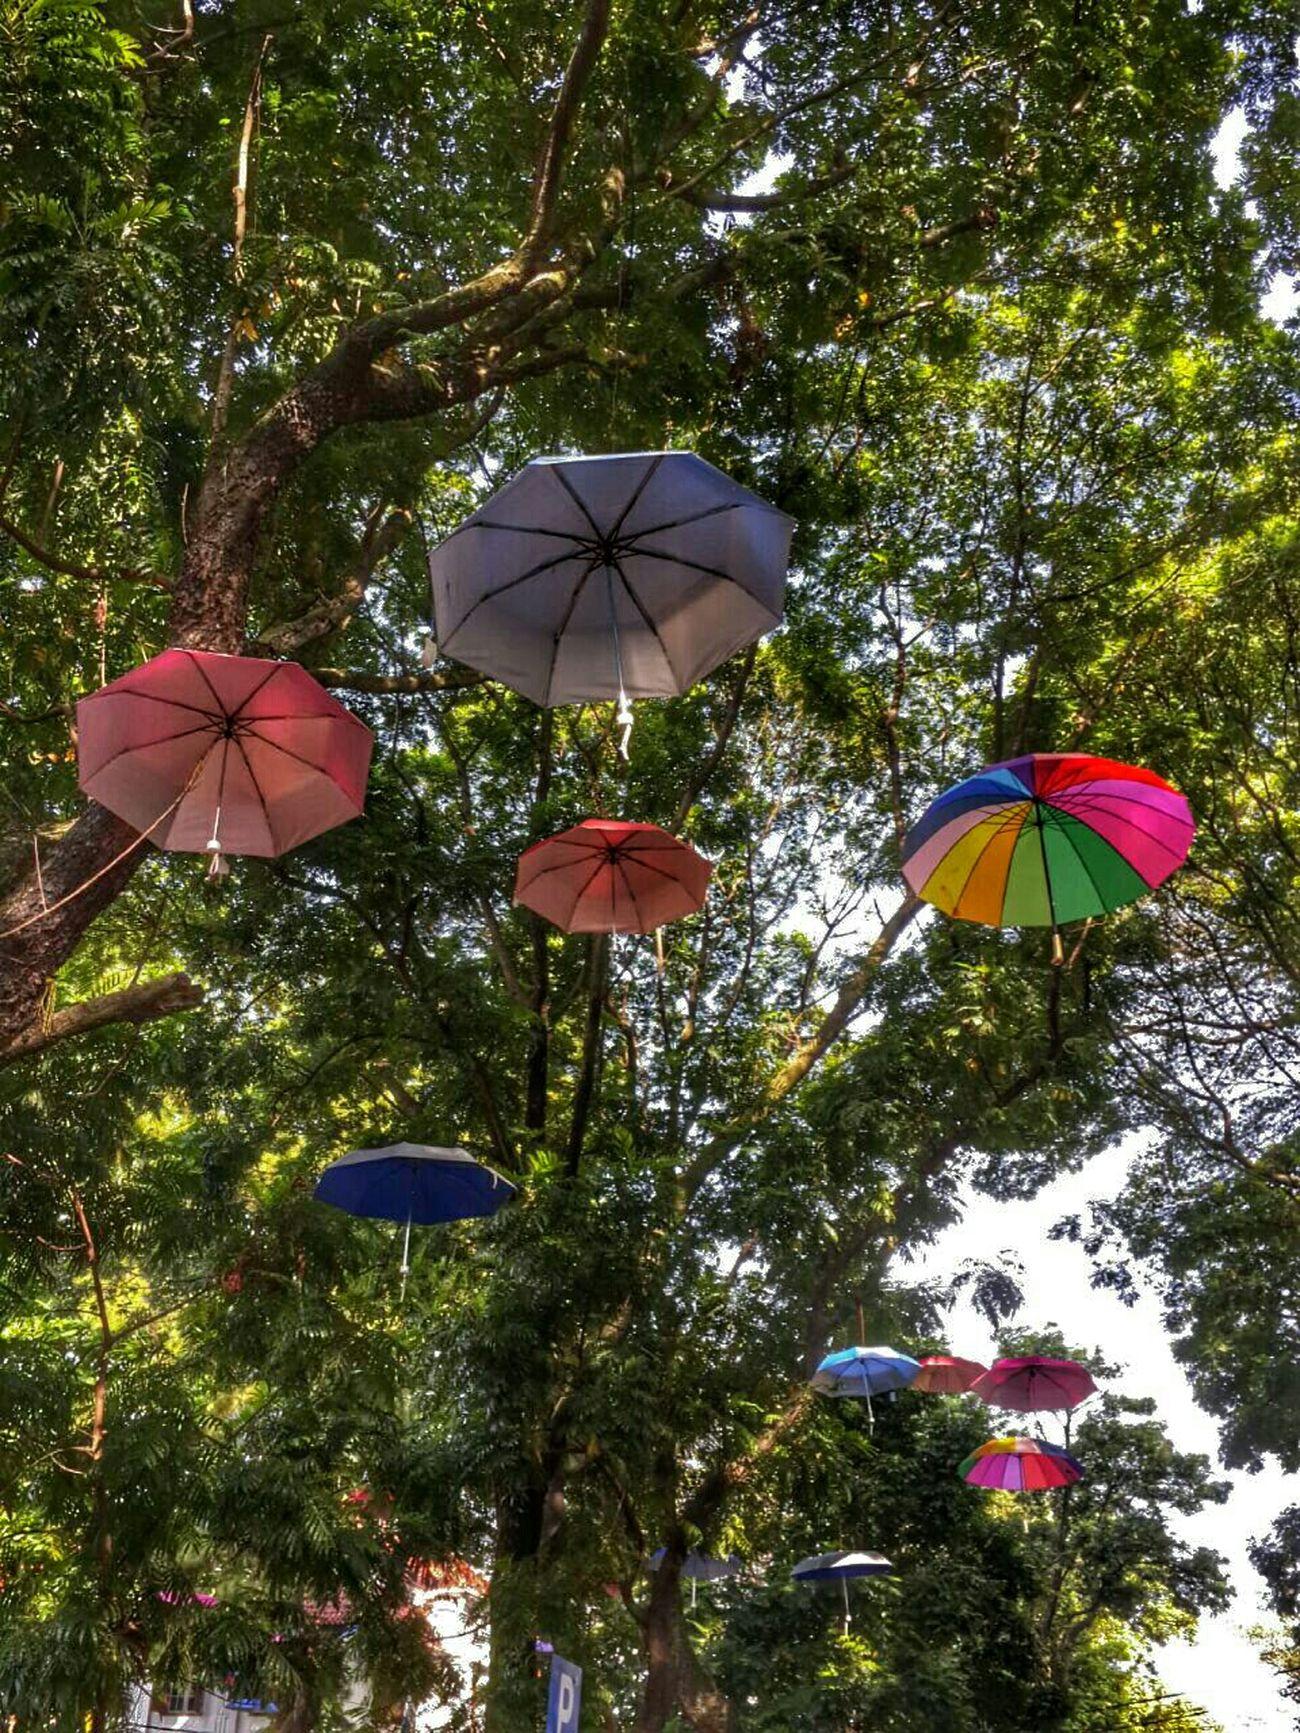 Umbrella Festival Bogor, Indonesia